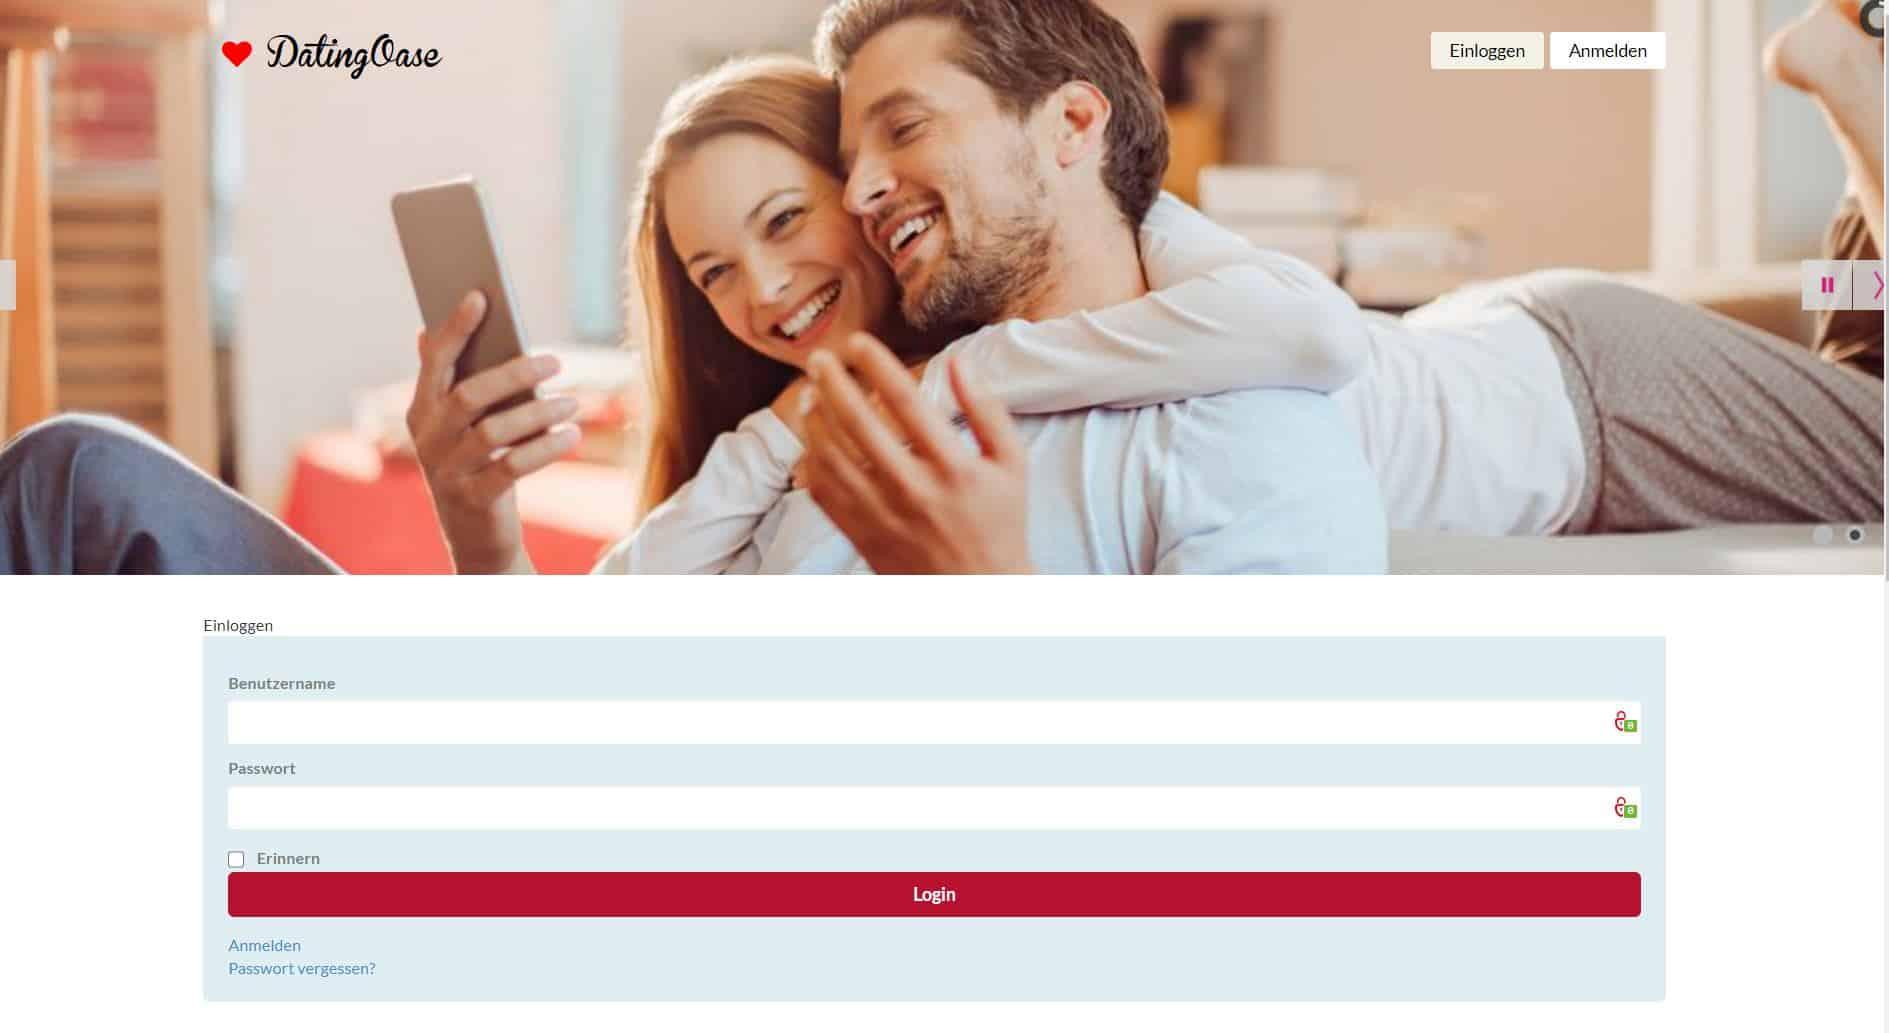 Testbericht: DatingOase.de Abzocke